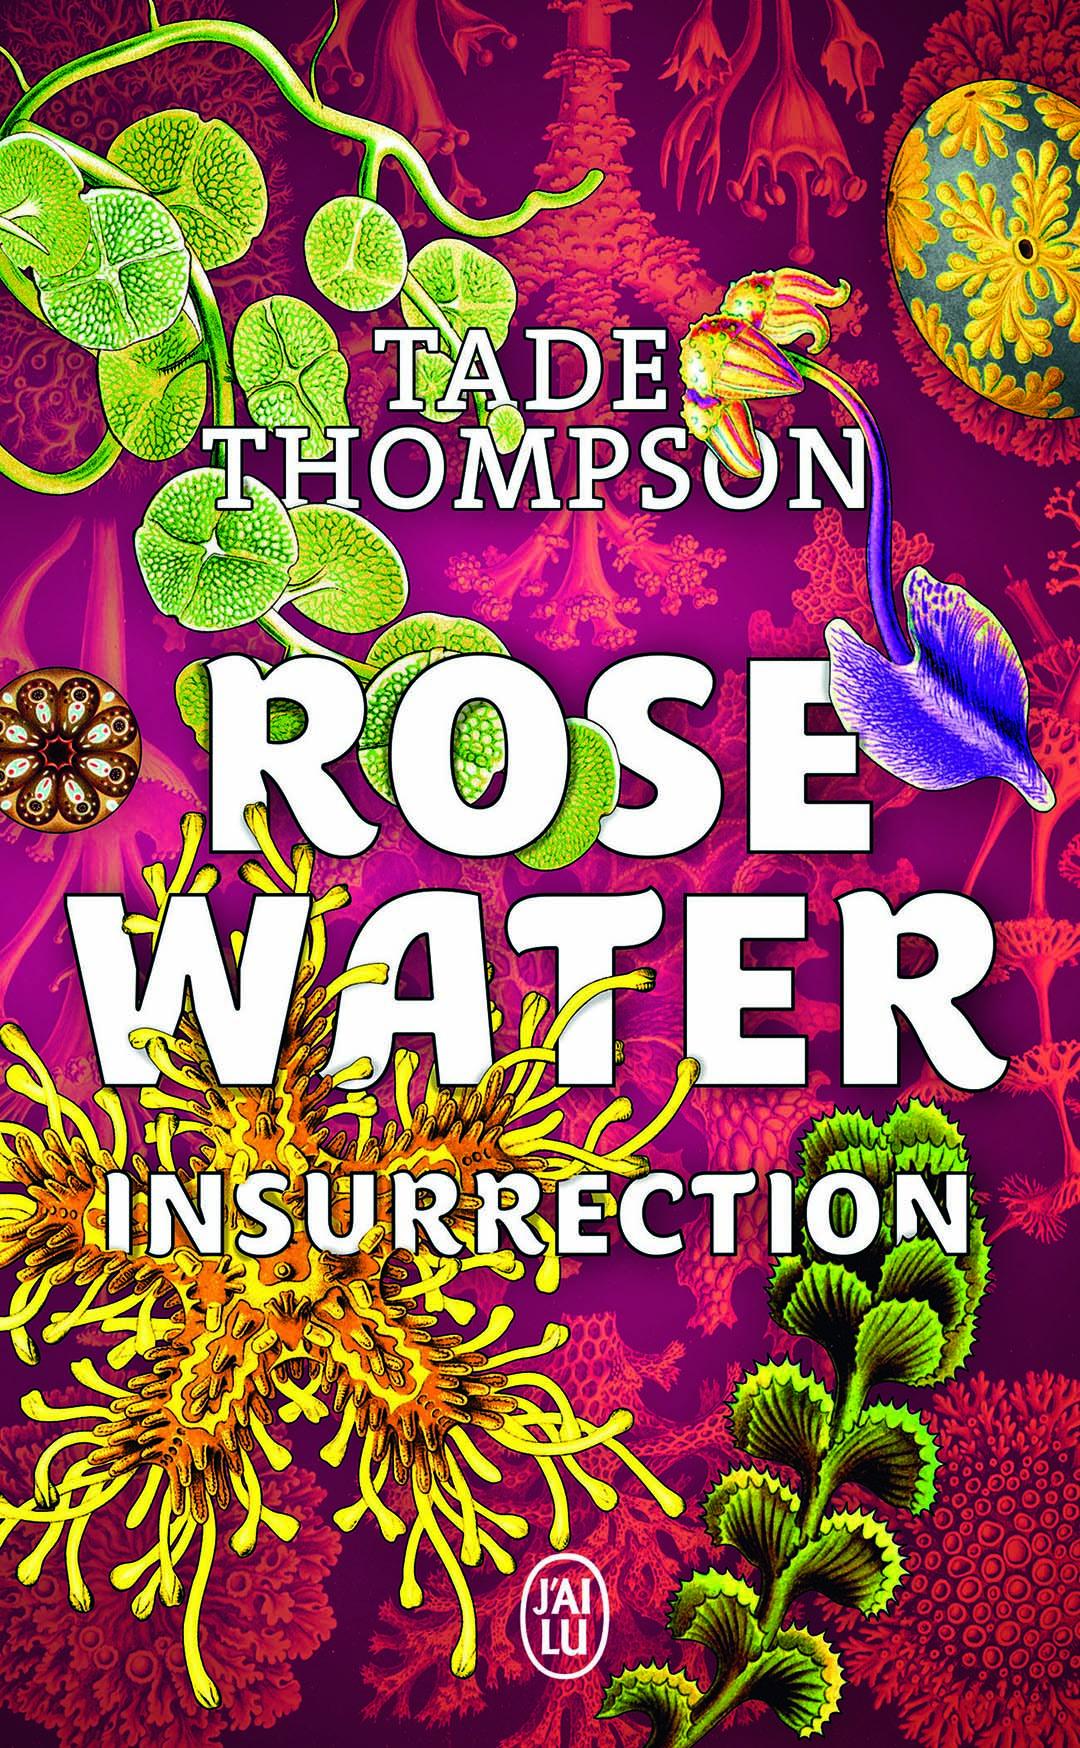 Couverture du livre «Rosewater».